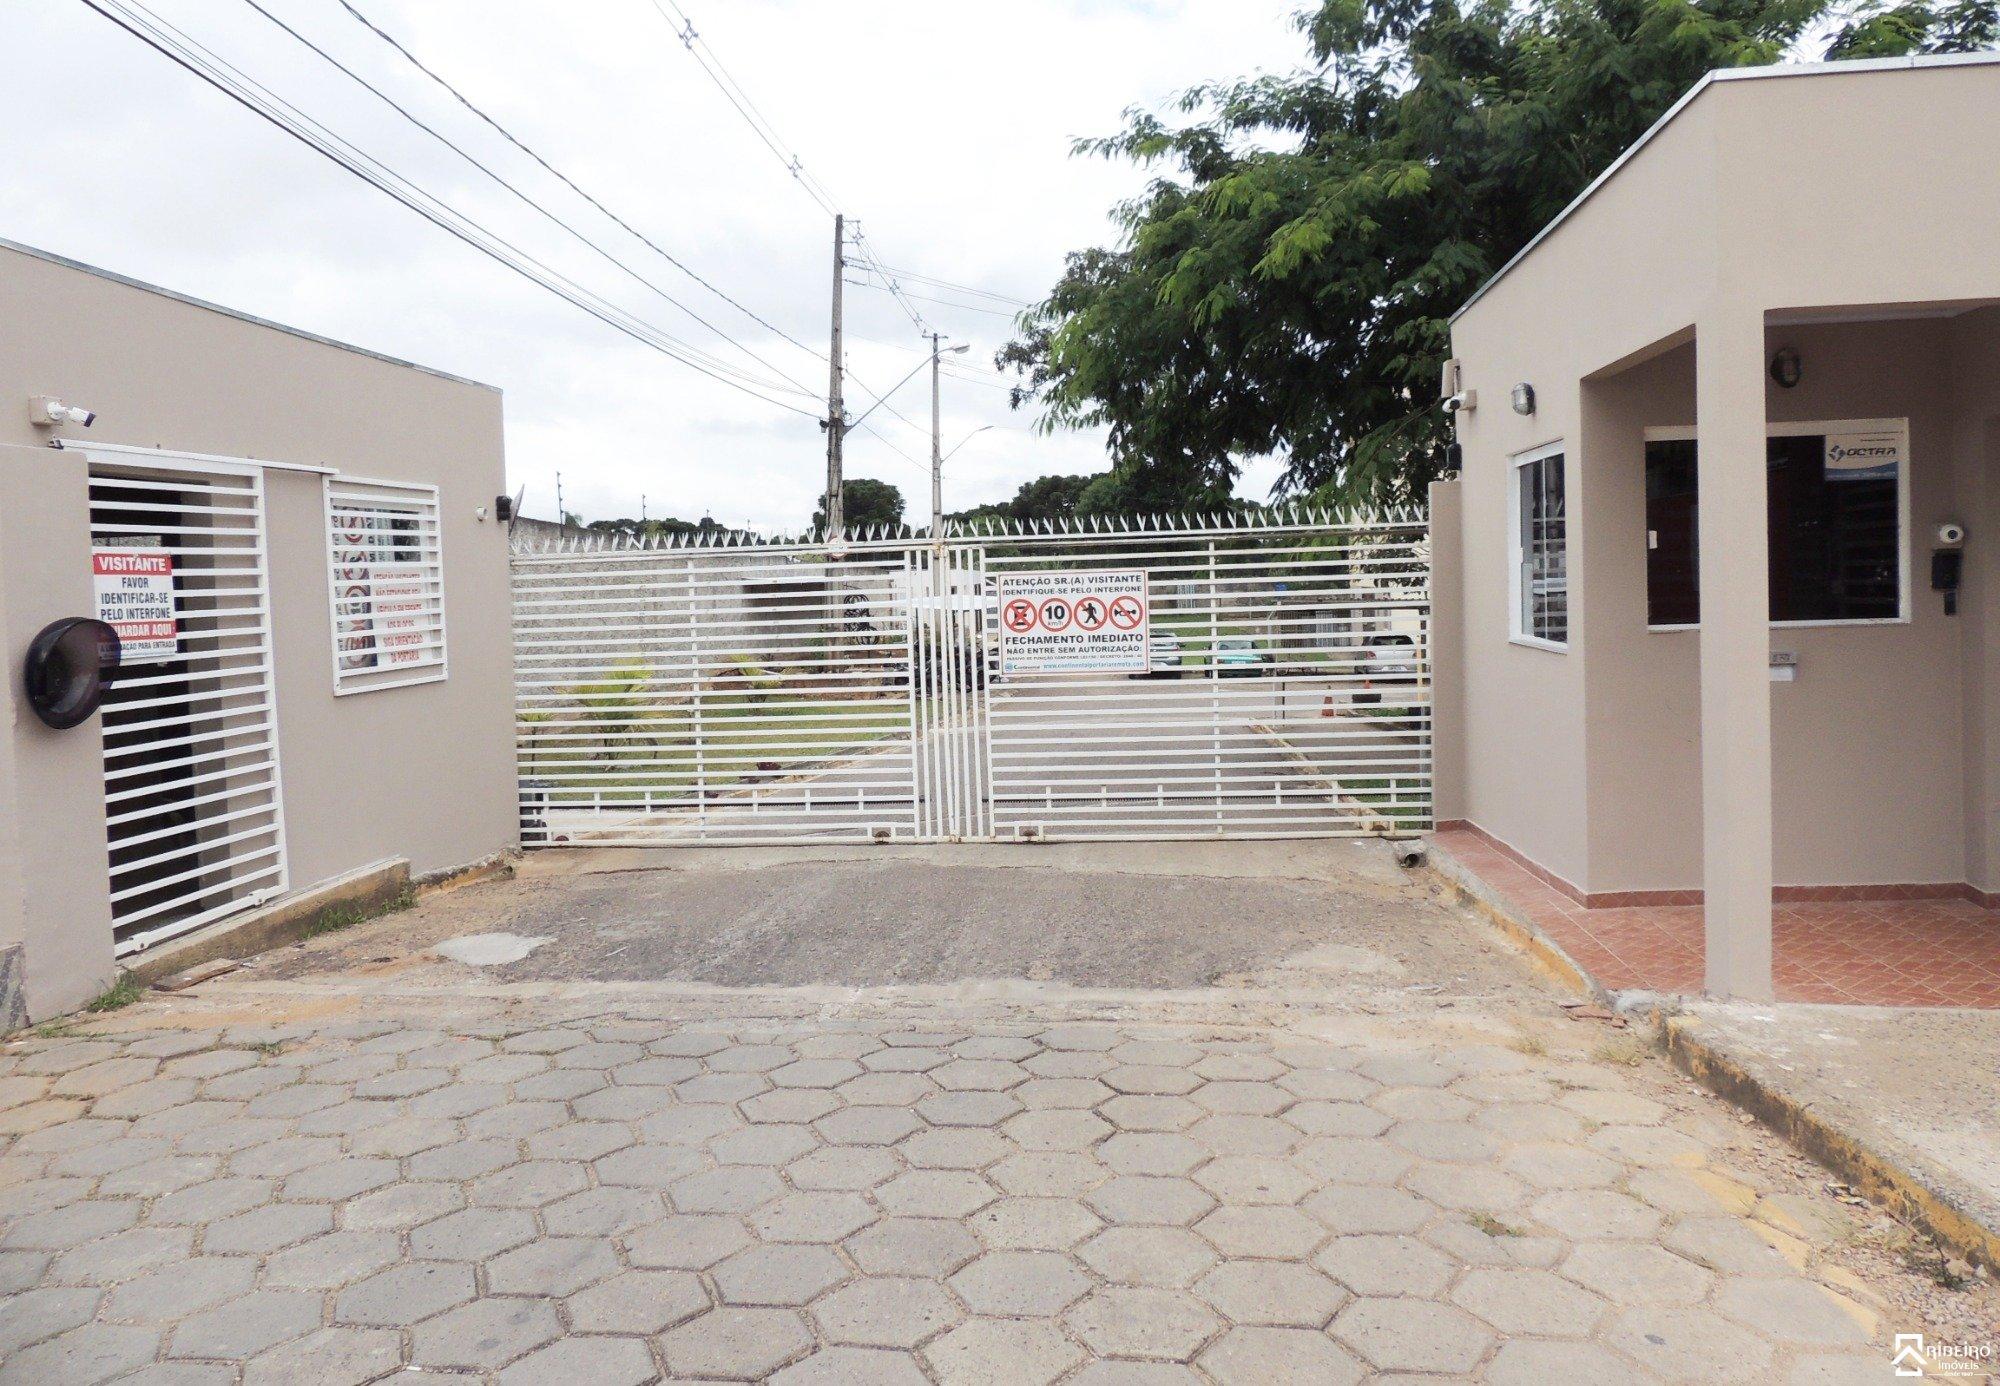 REF. 8126 -  São José Dos Pinhais - Rua  Virginio Palu, 43 - Apto 24 - Bl 11